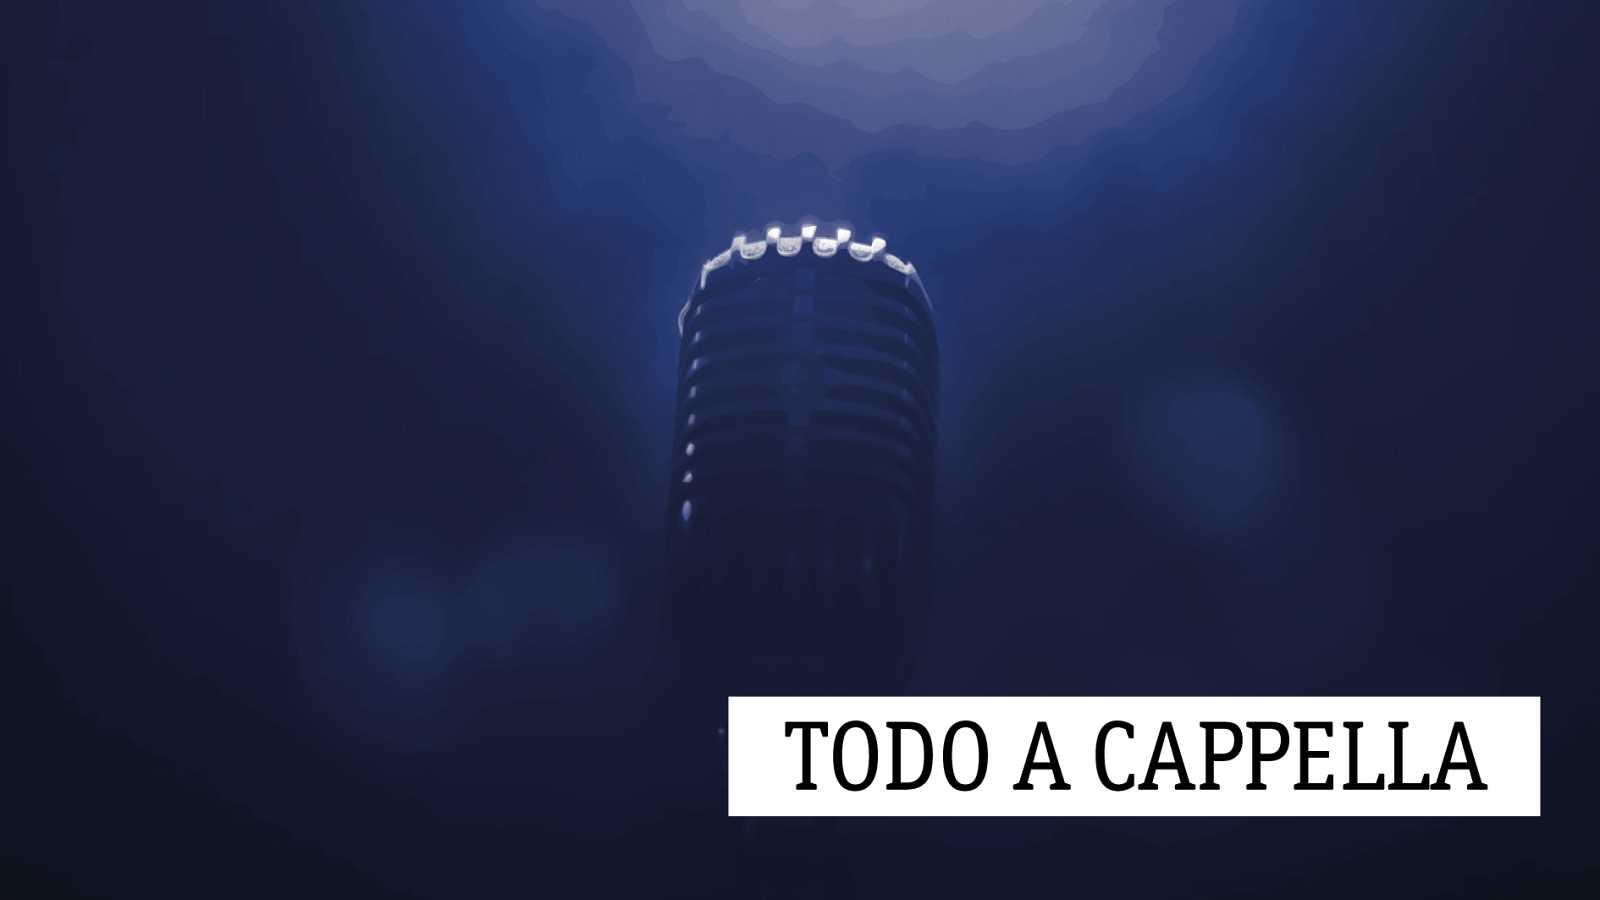 Todo a cappella - ¡Dios! ¡Qué regalo para la vista! - 08/09/19 - escuchar ahora